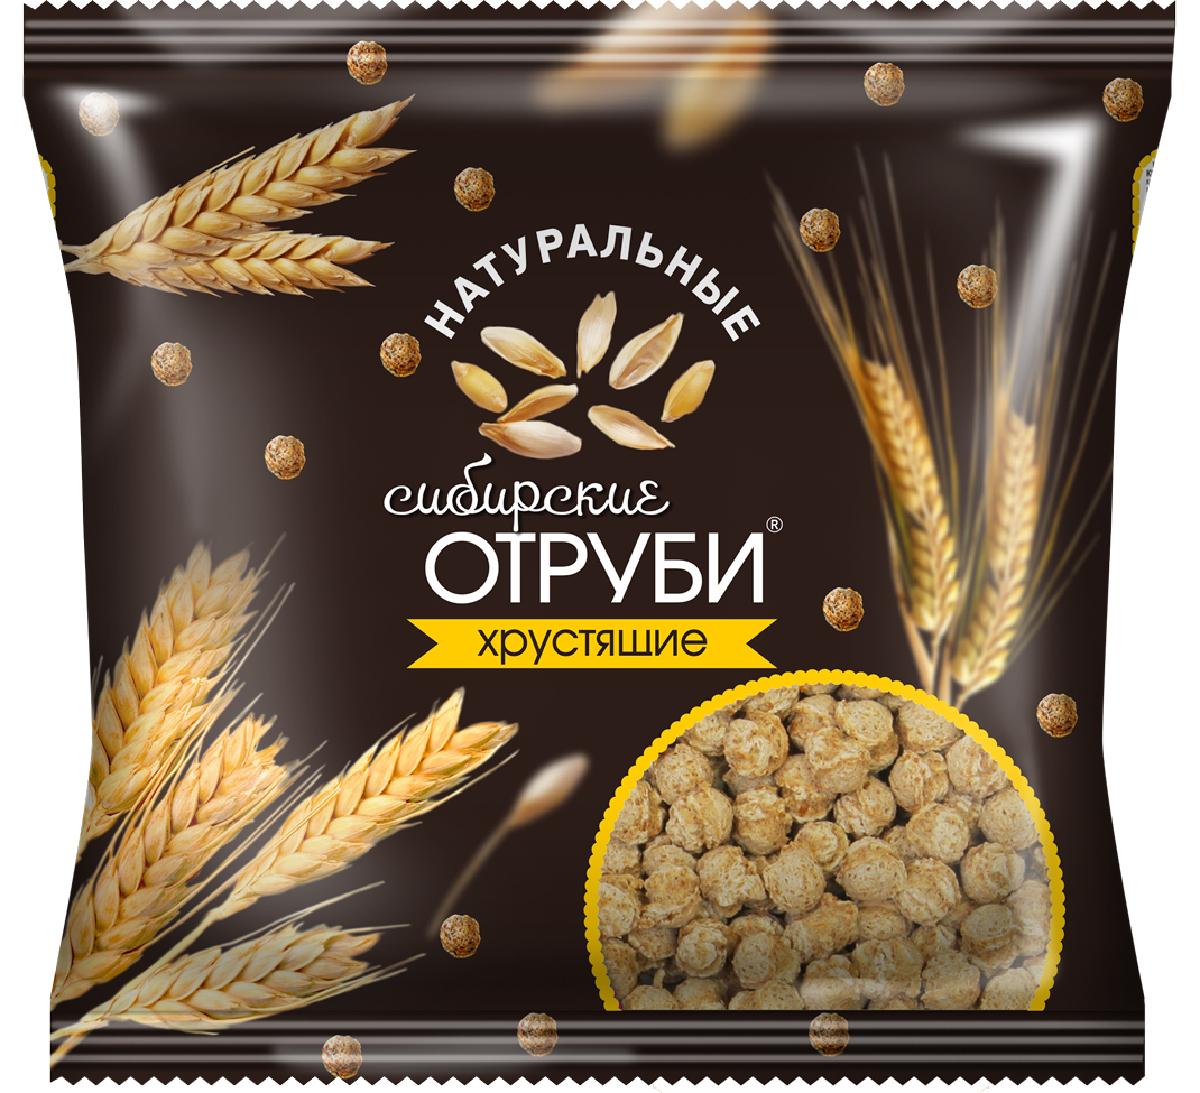 Сибирские Отруби хрустящие натуральные, 100 г цена